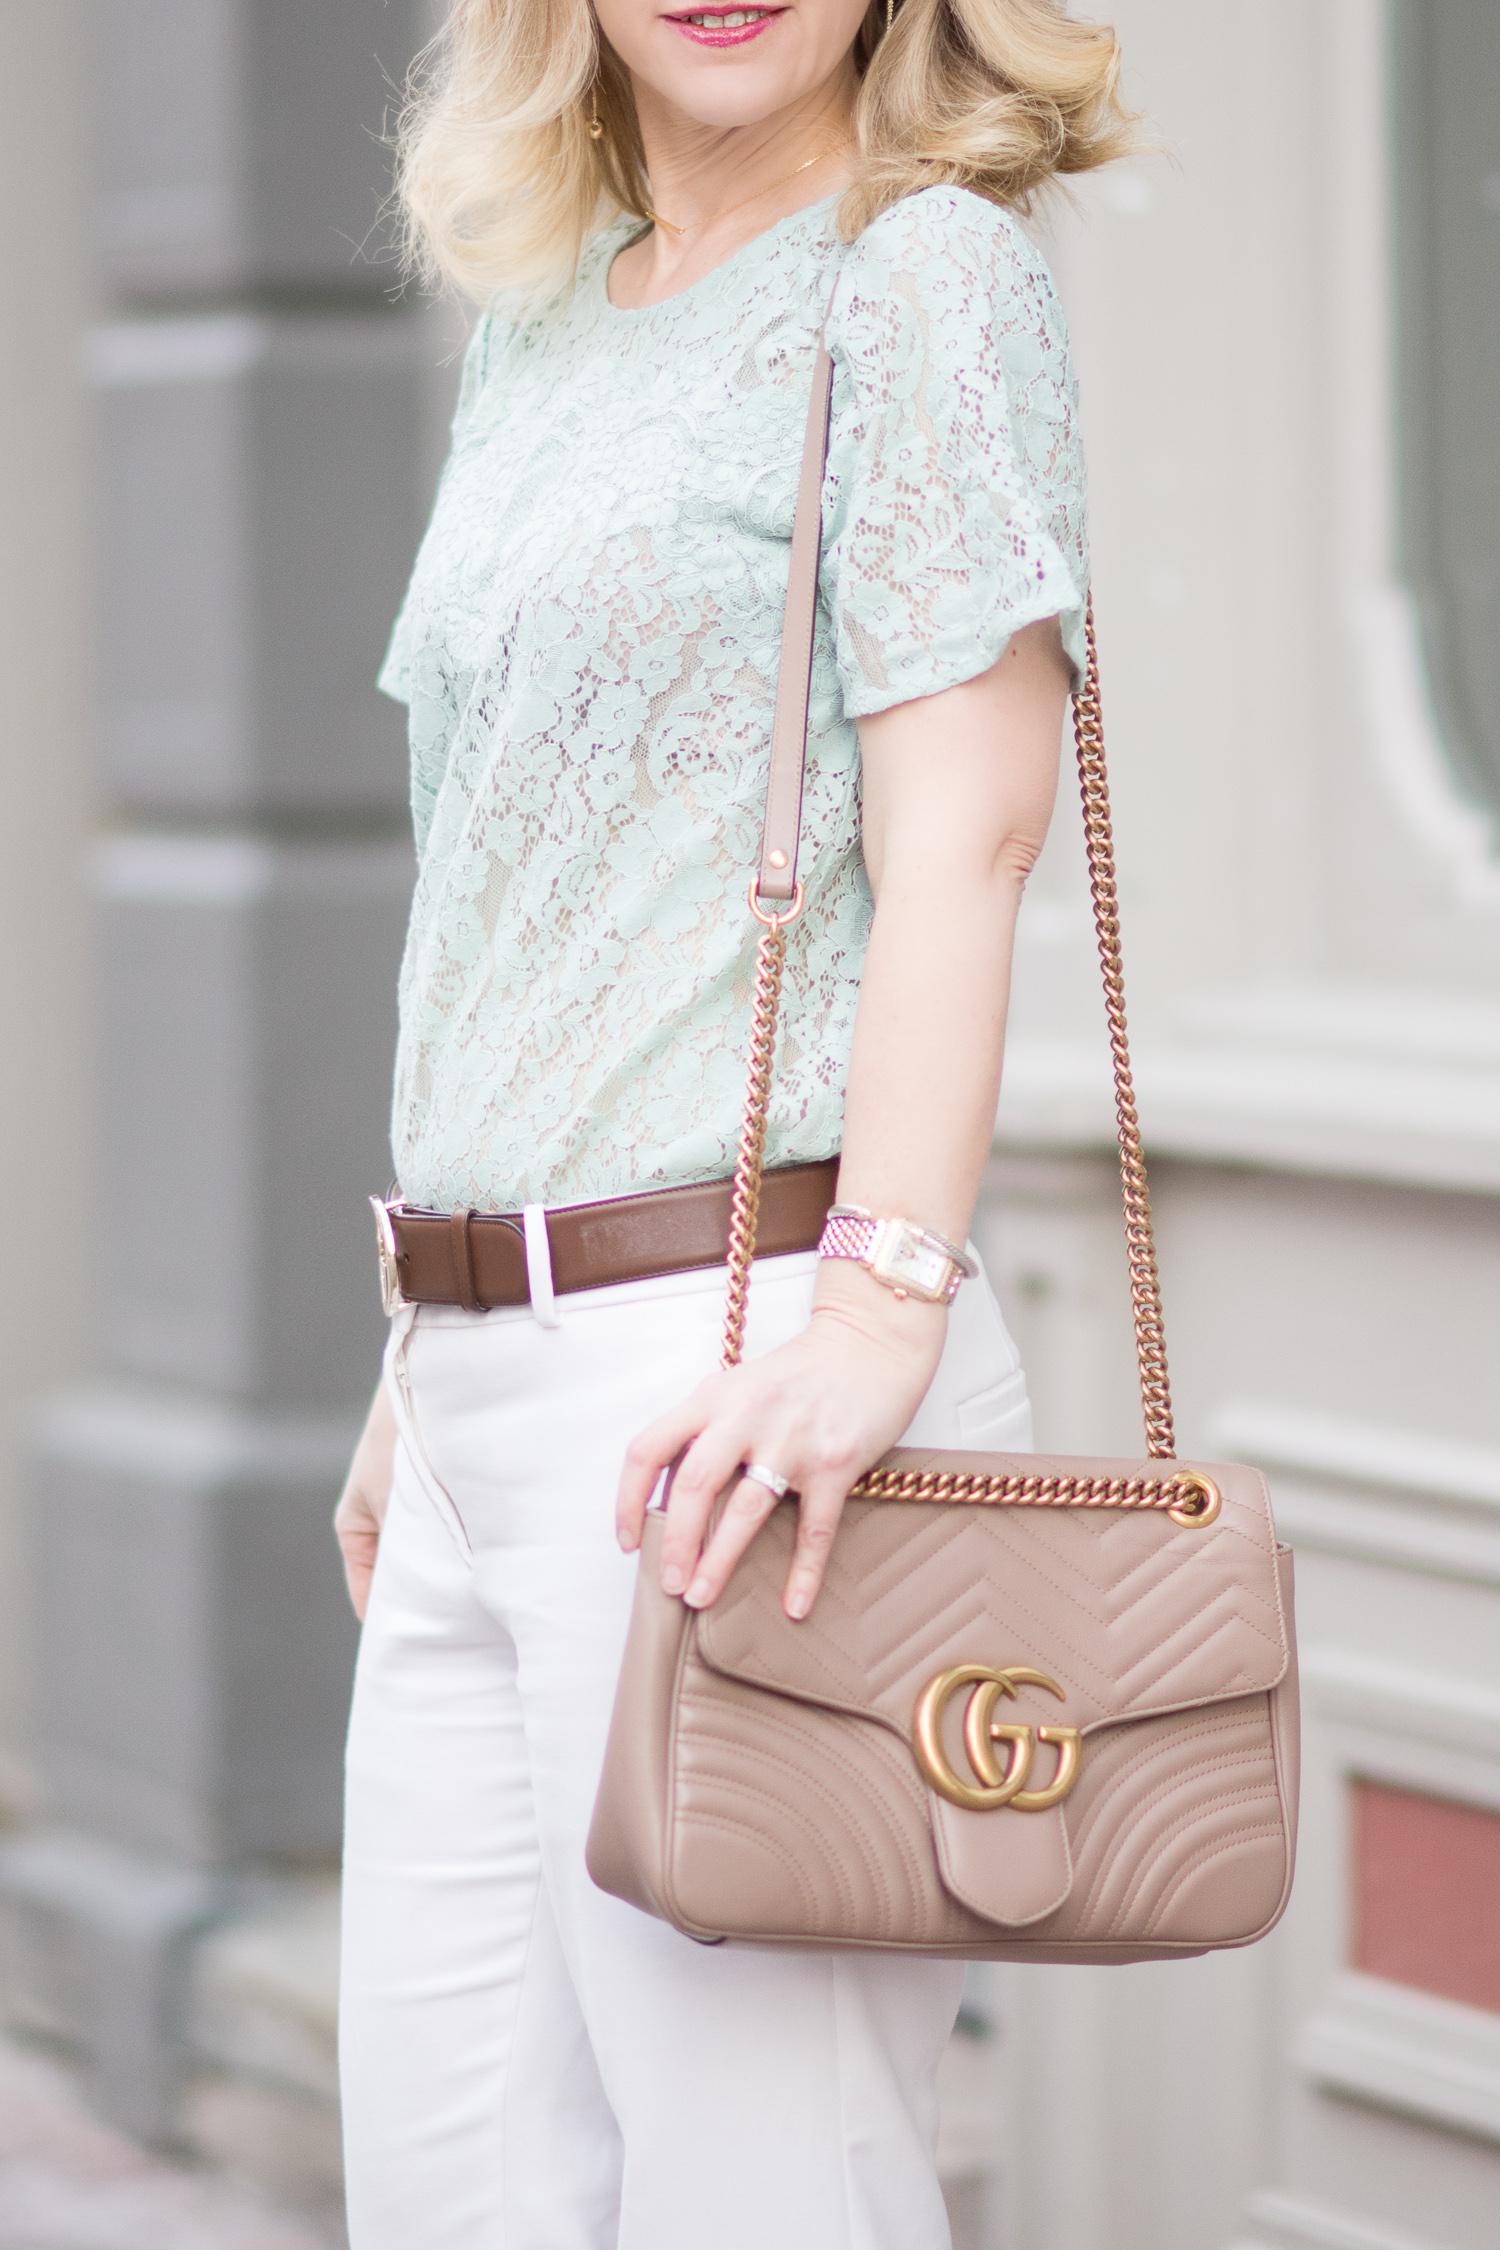 0dcf43672cdc80 Petite Fashion and Style Blog | Loft Mixed Floral Lace Top | Gucci GG  Marmont matelassé shoulder bag -2